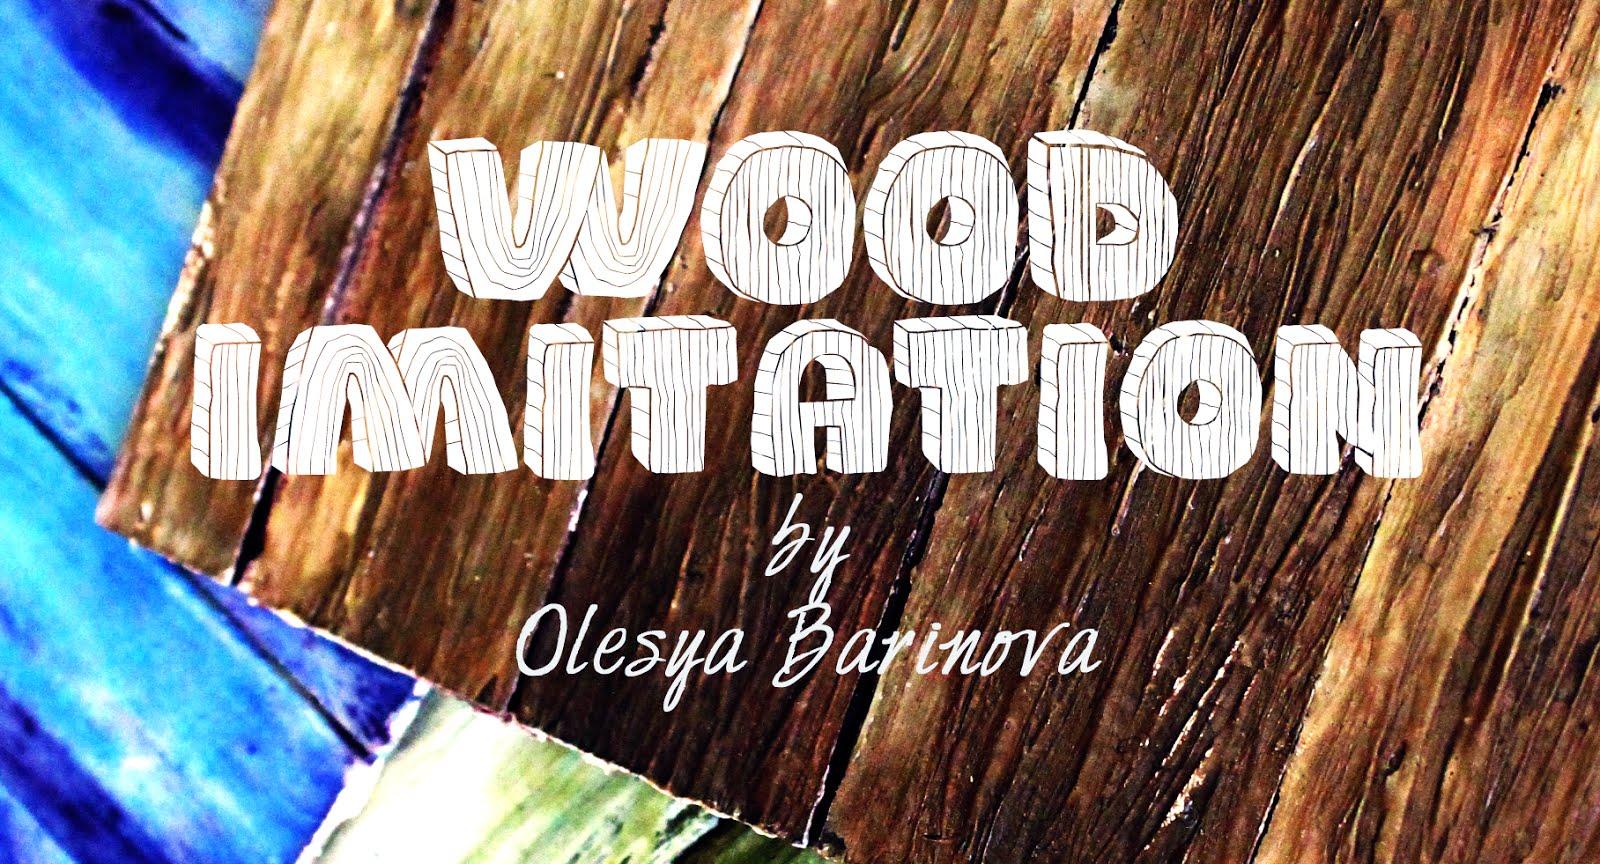 Изготовление деревяшек - обучающий проект Олеси Бариновой